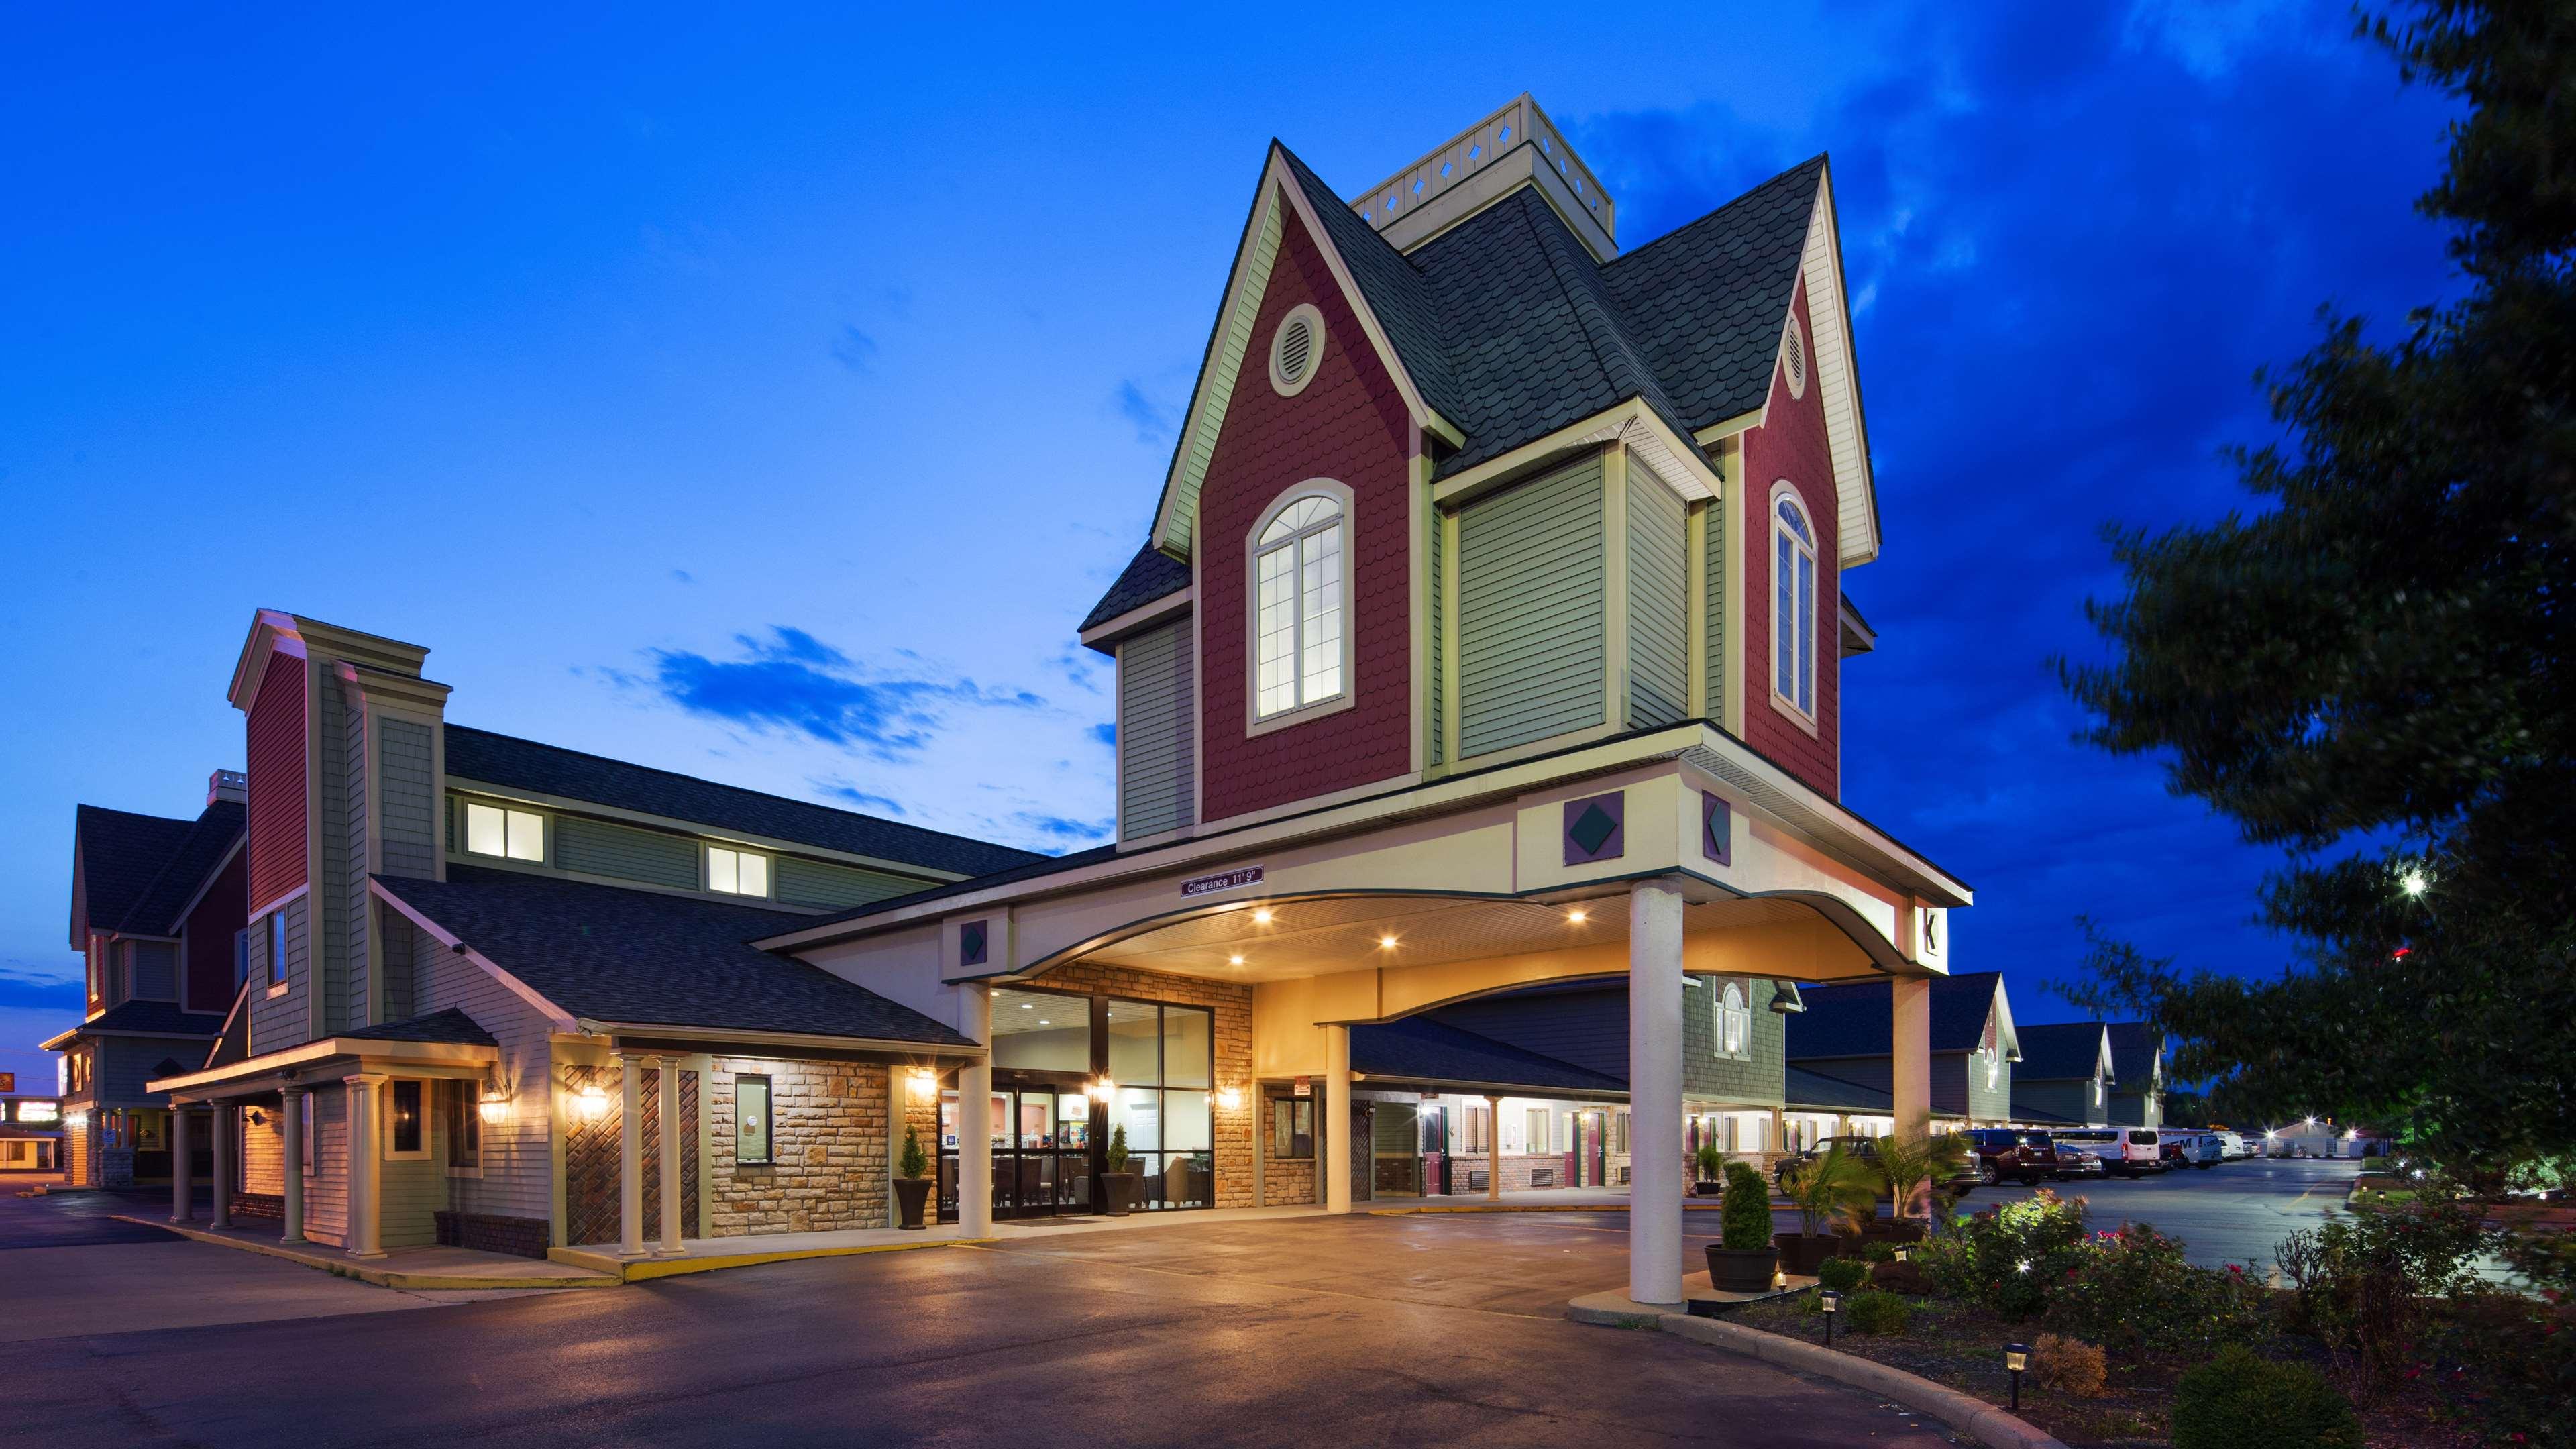 Best Western Green Tree Inn image 1